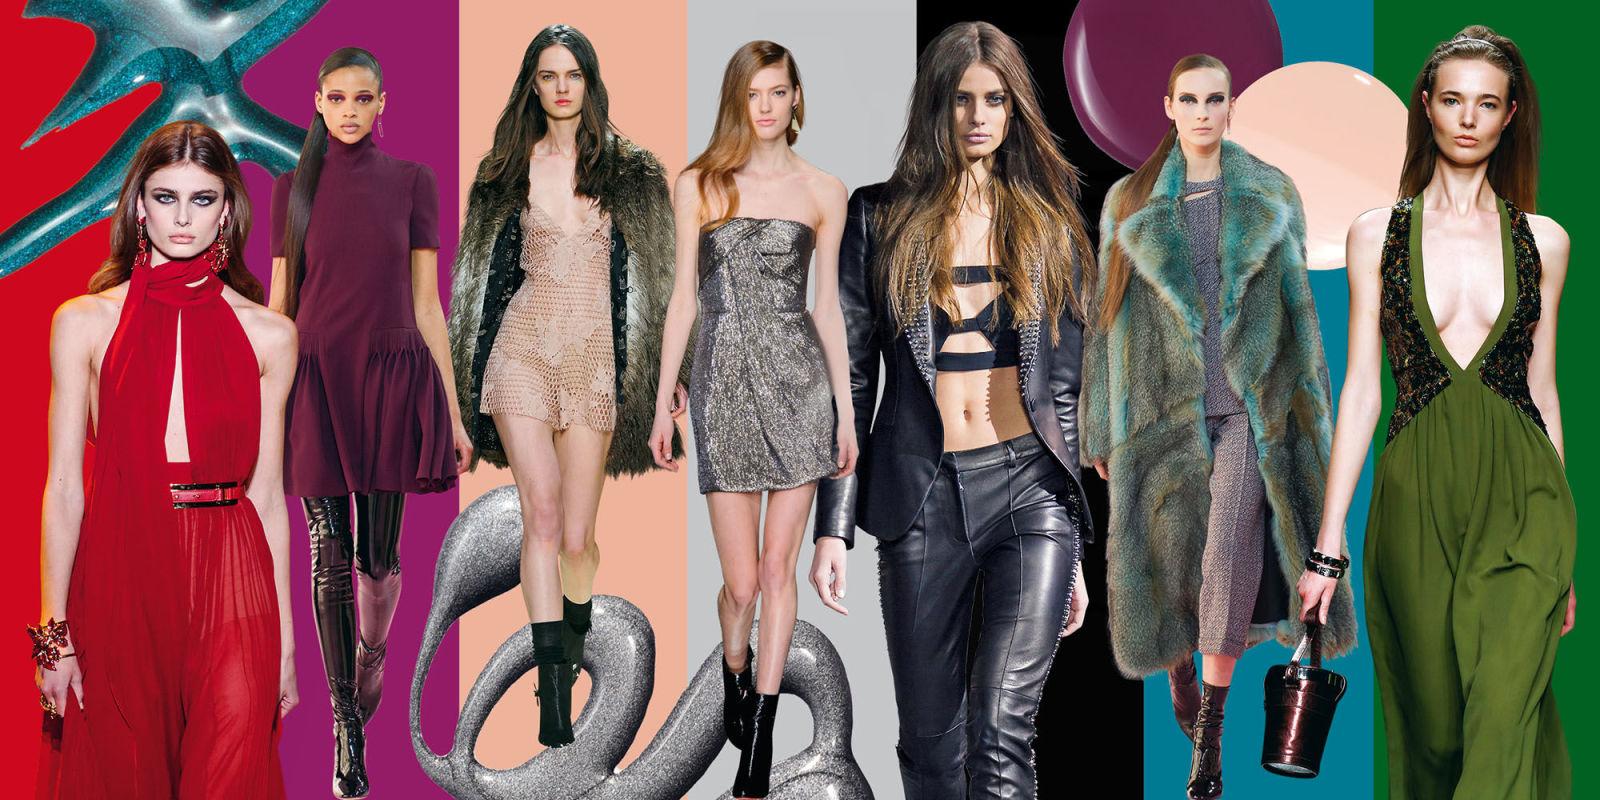 Moda en animeforum.cf: Consejos, fotos y vídeos de moda femenina, tendencias, diseñadores, complementos y accesorios de moda mujer.